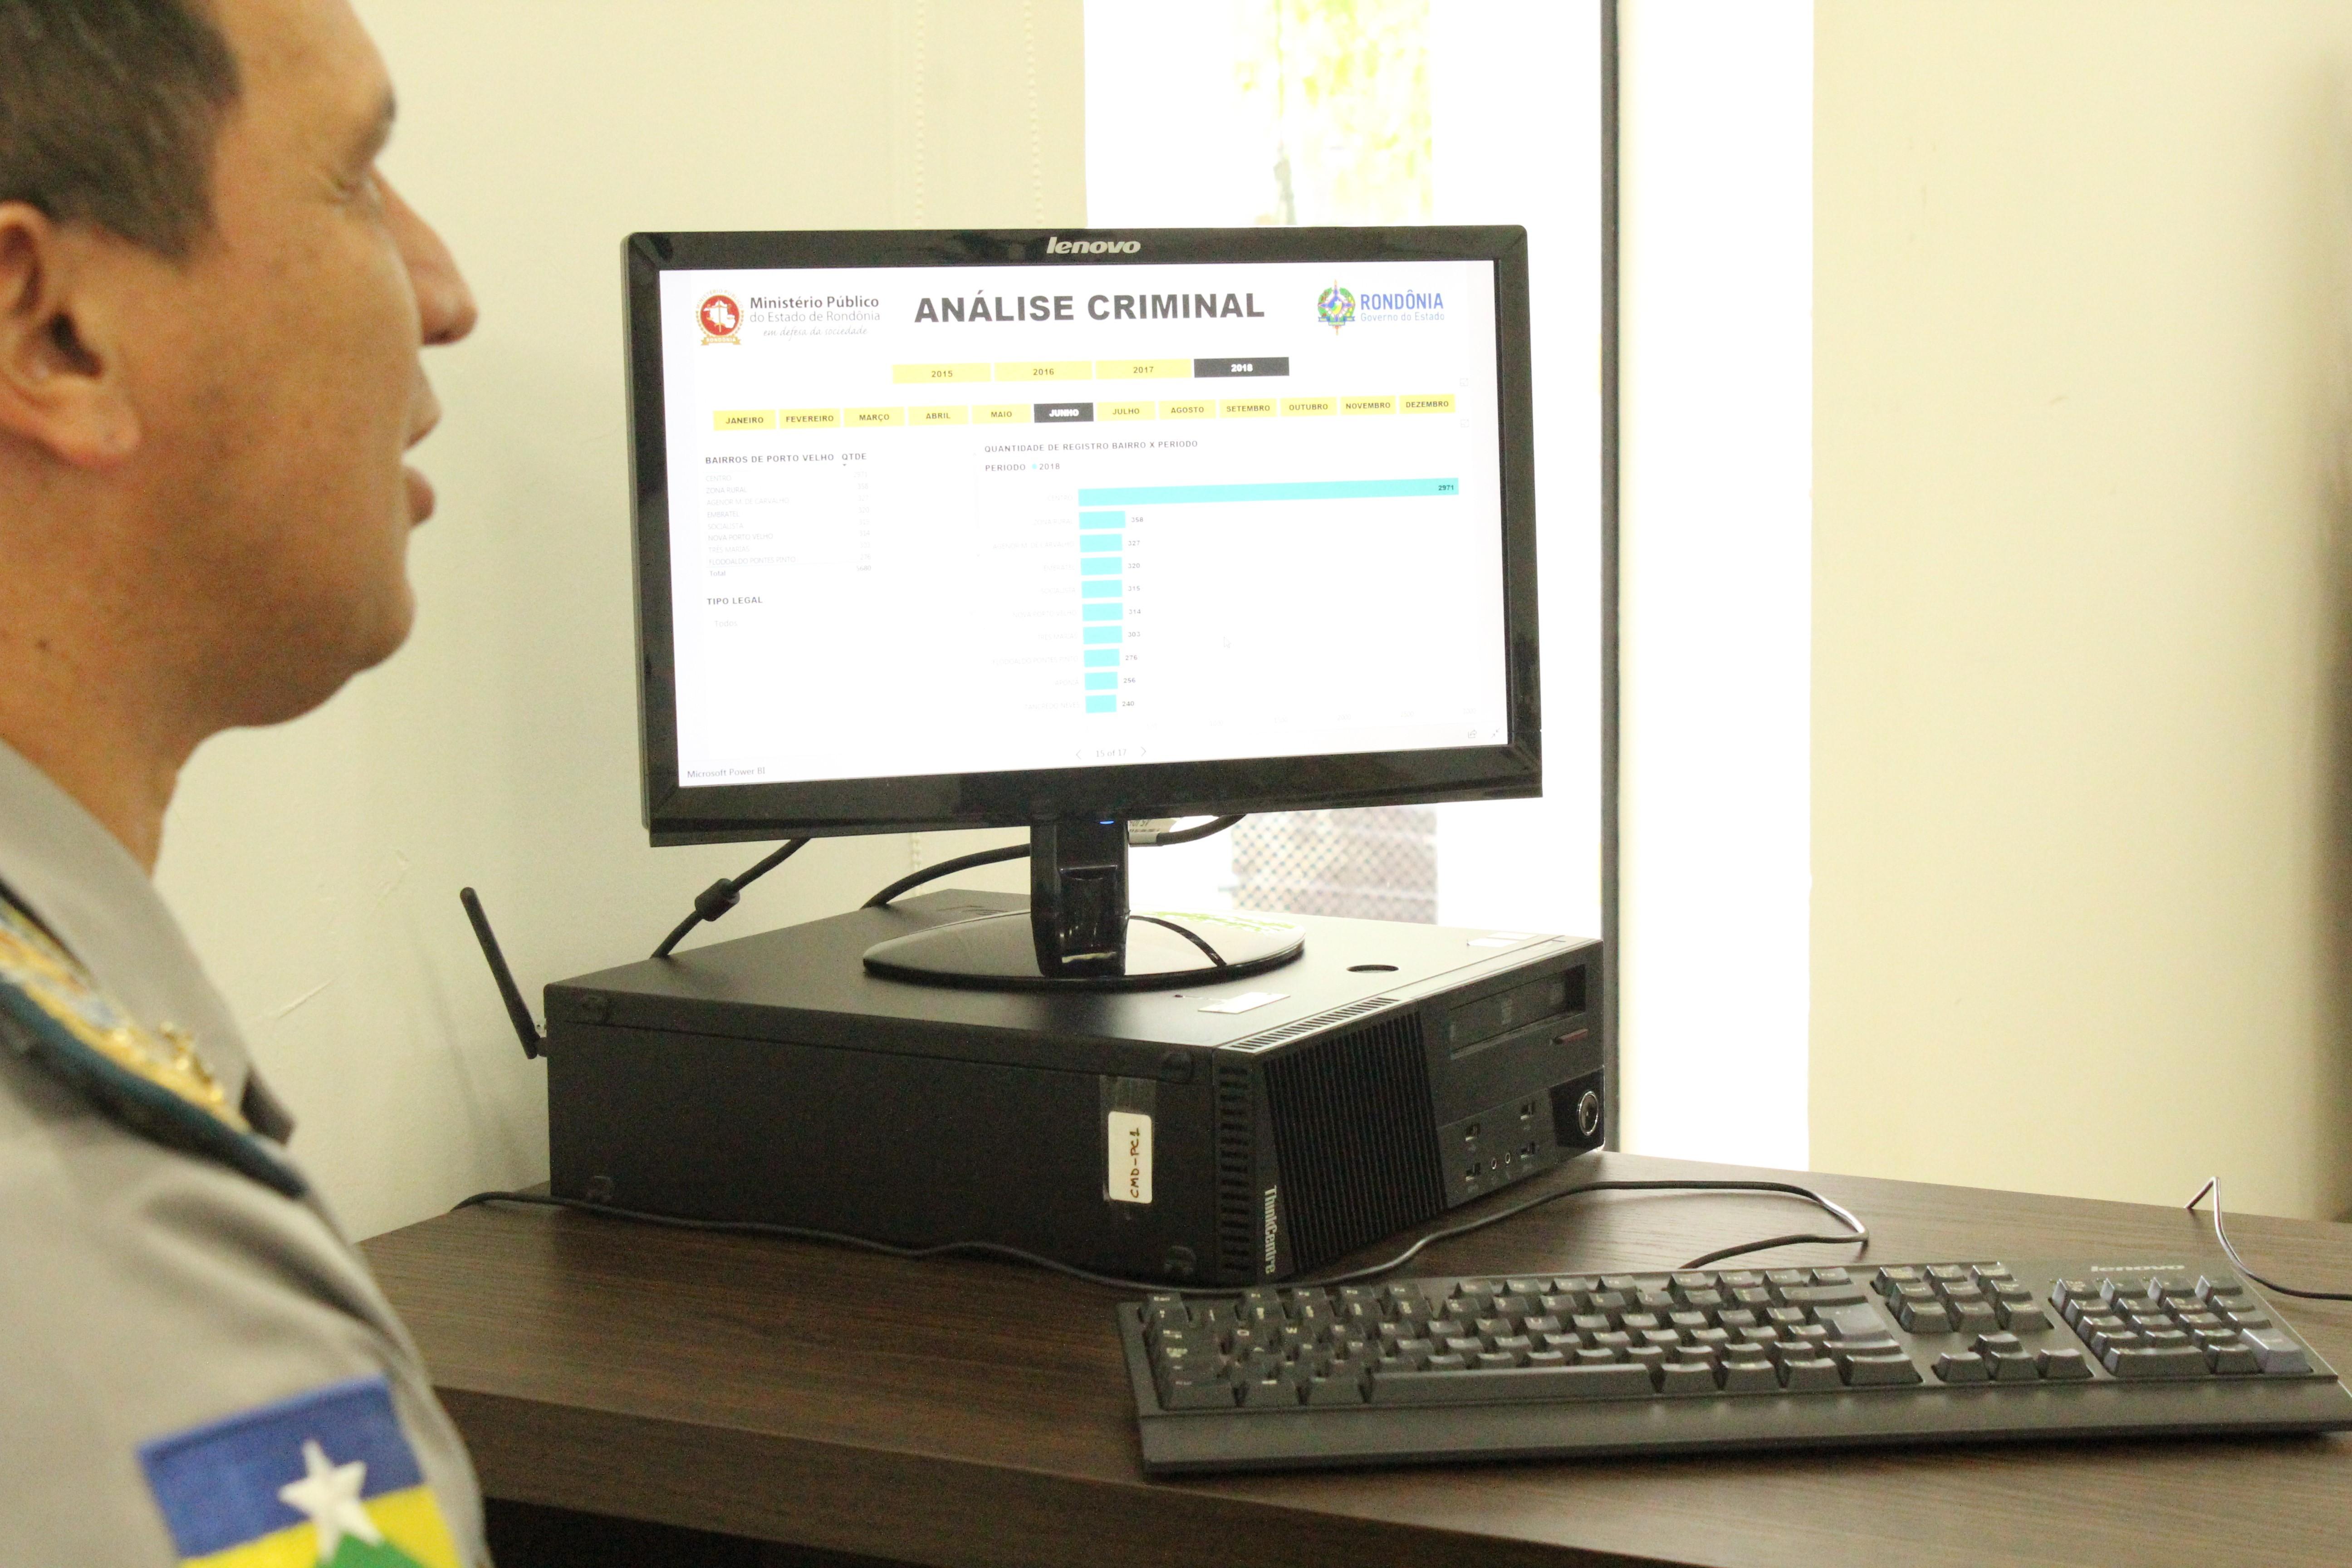 Centro é um dos bairros com mais crimes registrados em Porto Velho, aponta Sistema de Análise Criminal